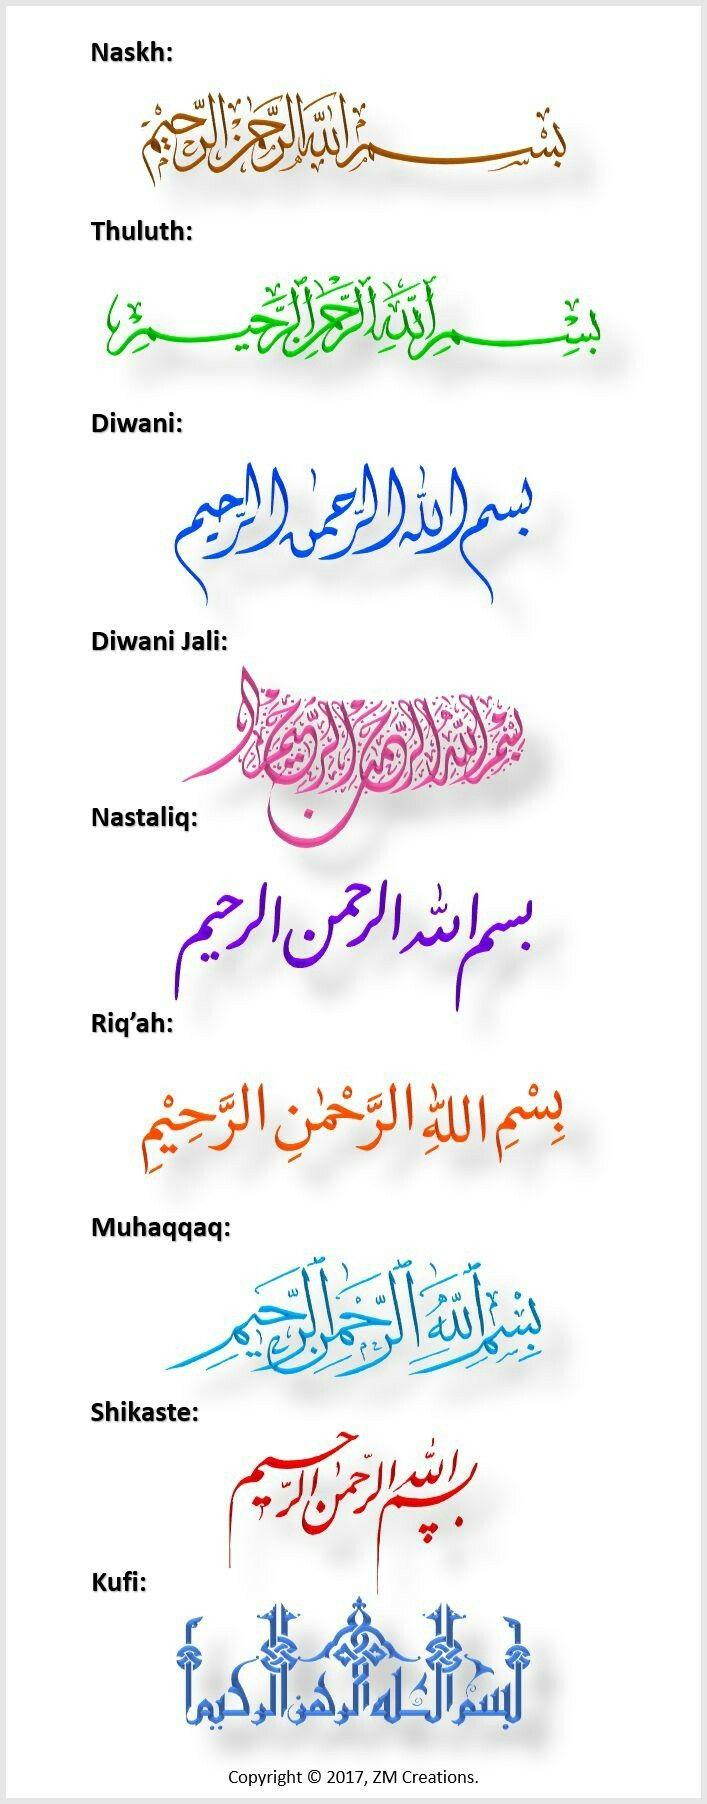 Tulisan arab Seni kaligrafi arab, Seni kaligrafi